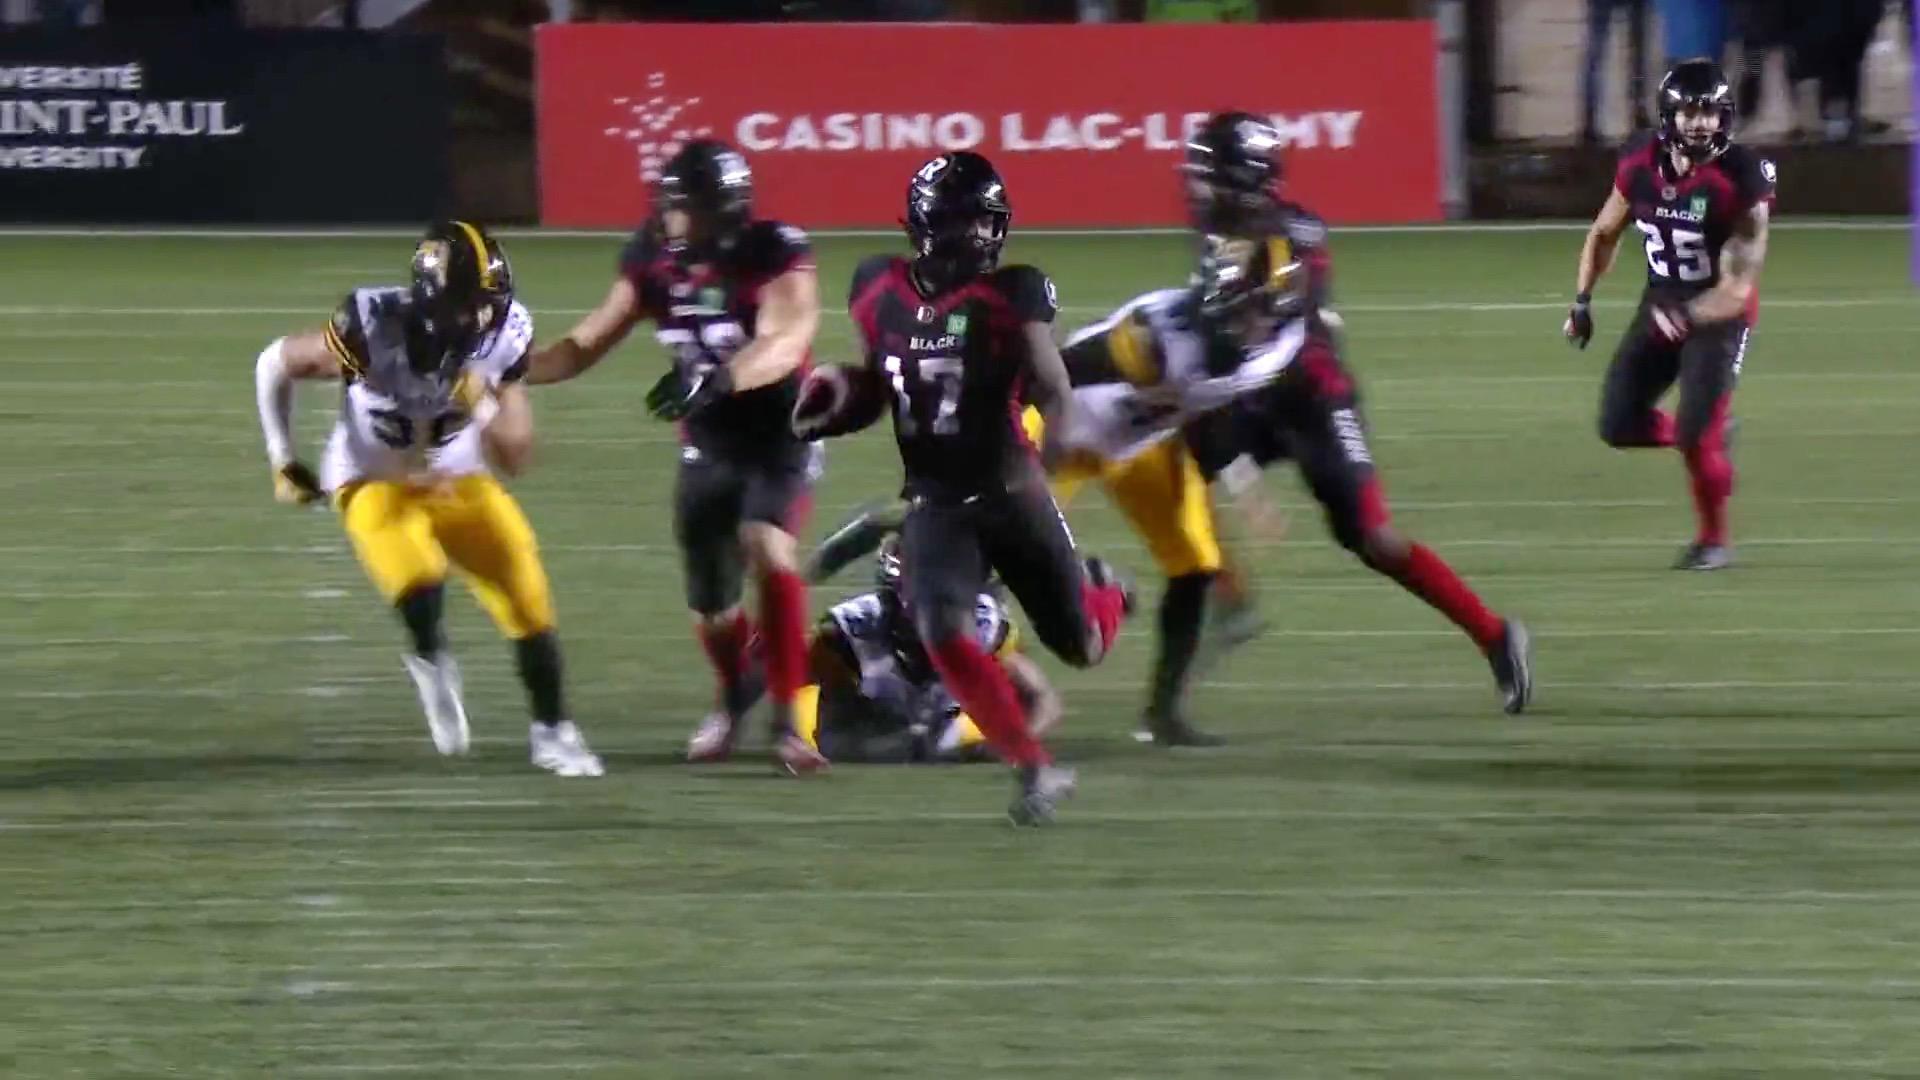 Dedmon's return gives Ottawa late spark